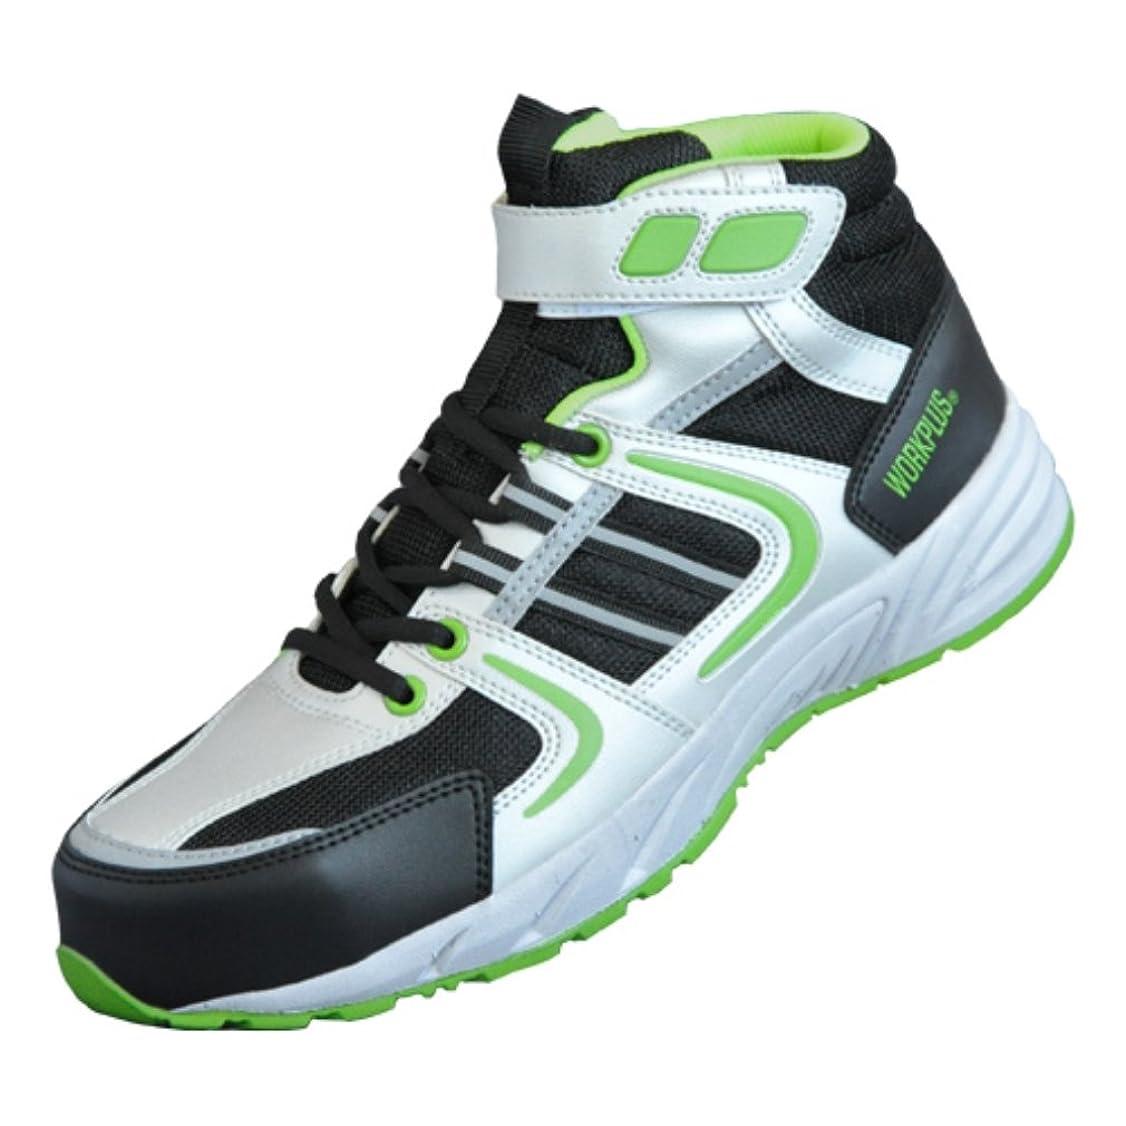 [ミドリ安全] 軽量 樹脂先芯 スニーカー ひも靴 ワークプラス MJ377 シルバーグレー/グリーン